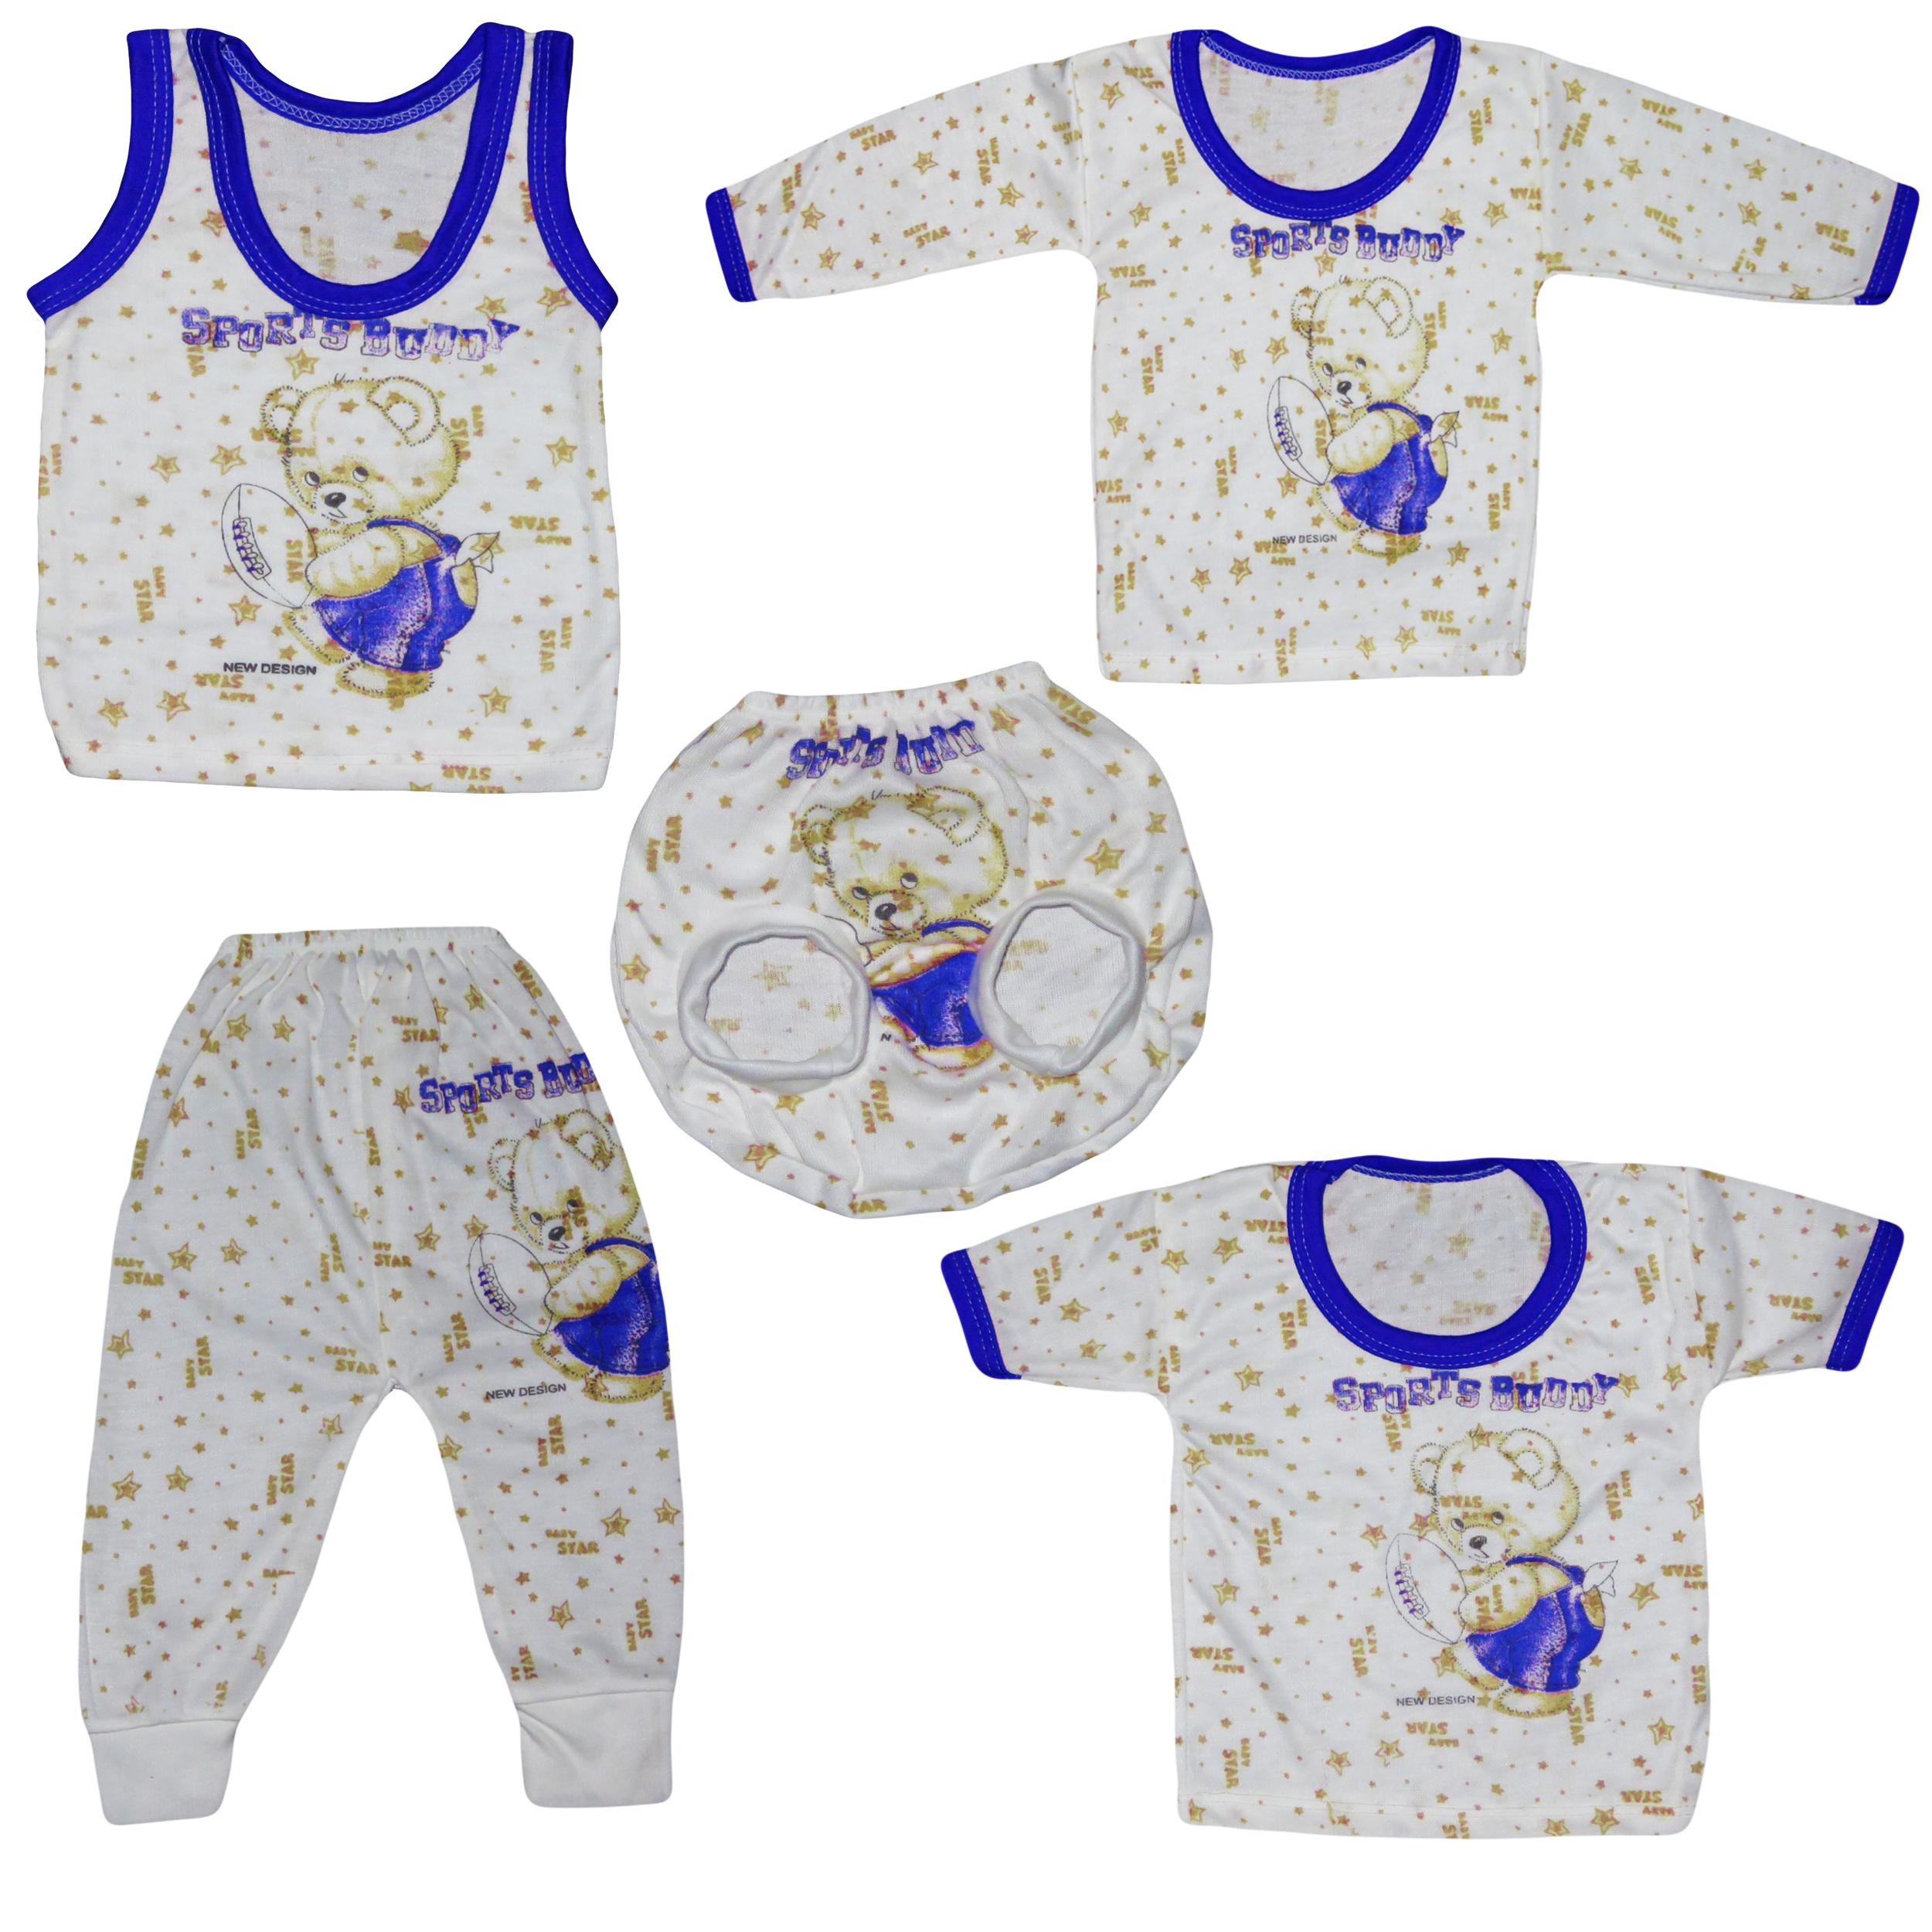 ست 5 تیکه لباس نوزادی پسرانه طرح خرس کوچولو کد 102